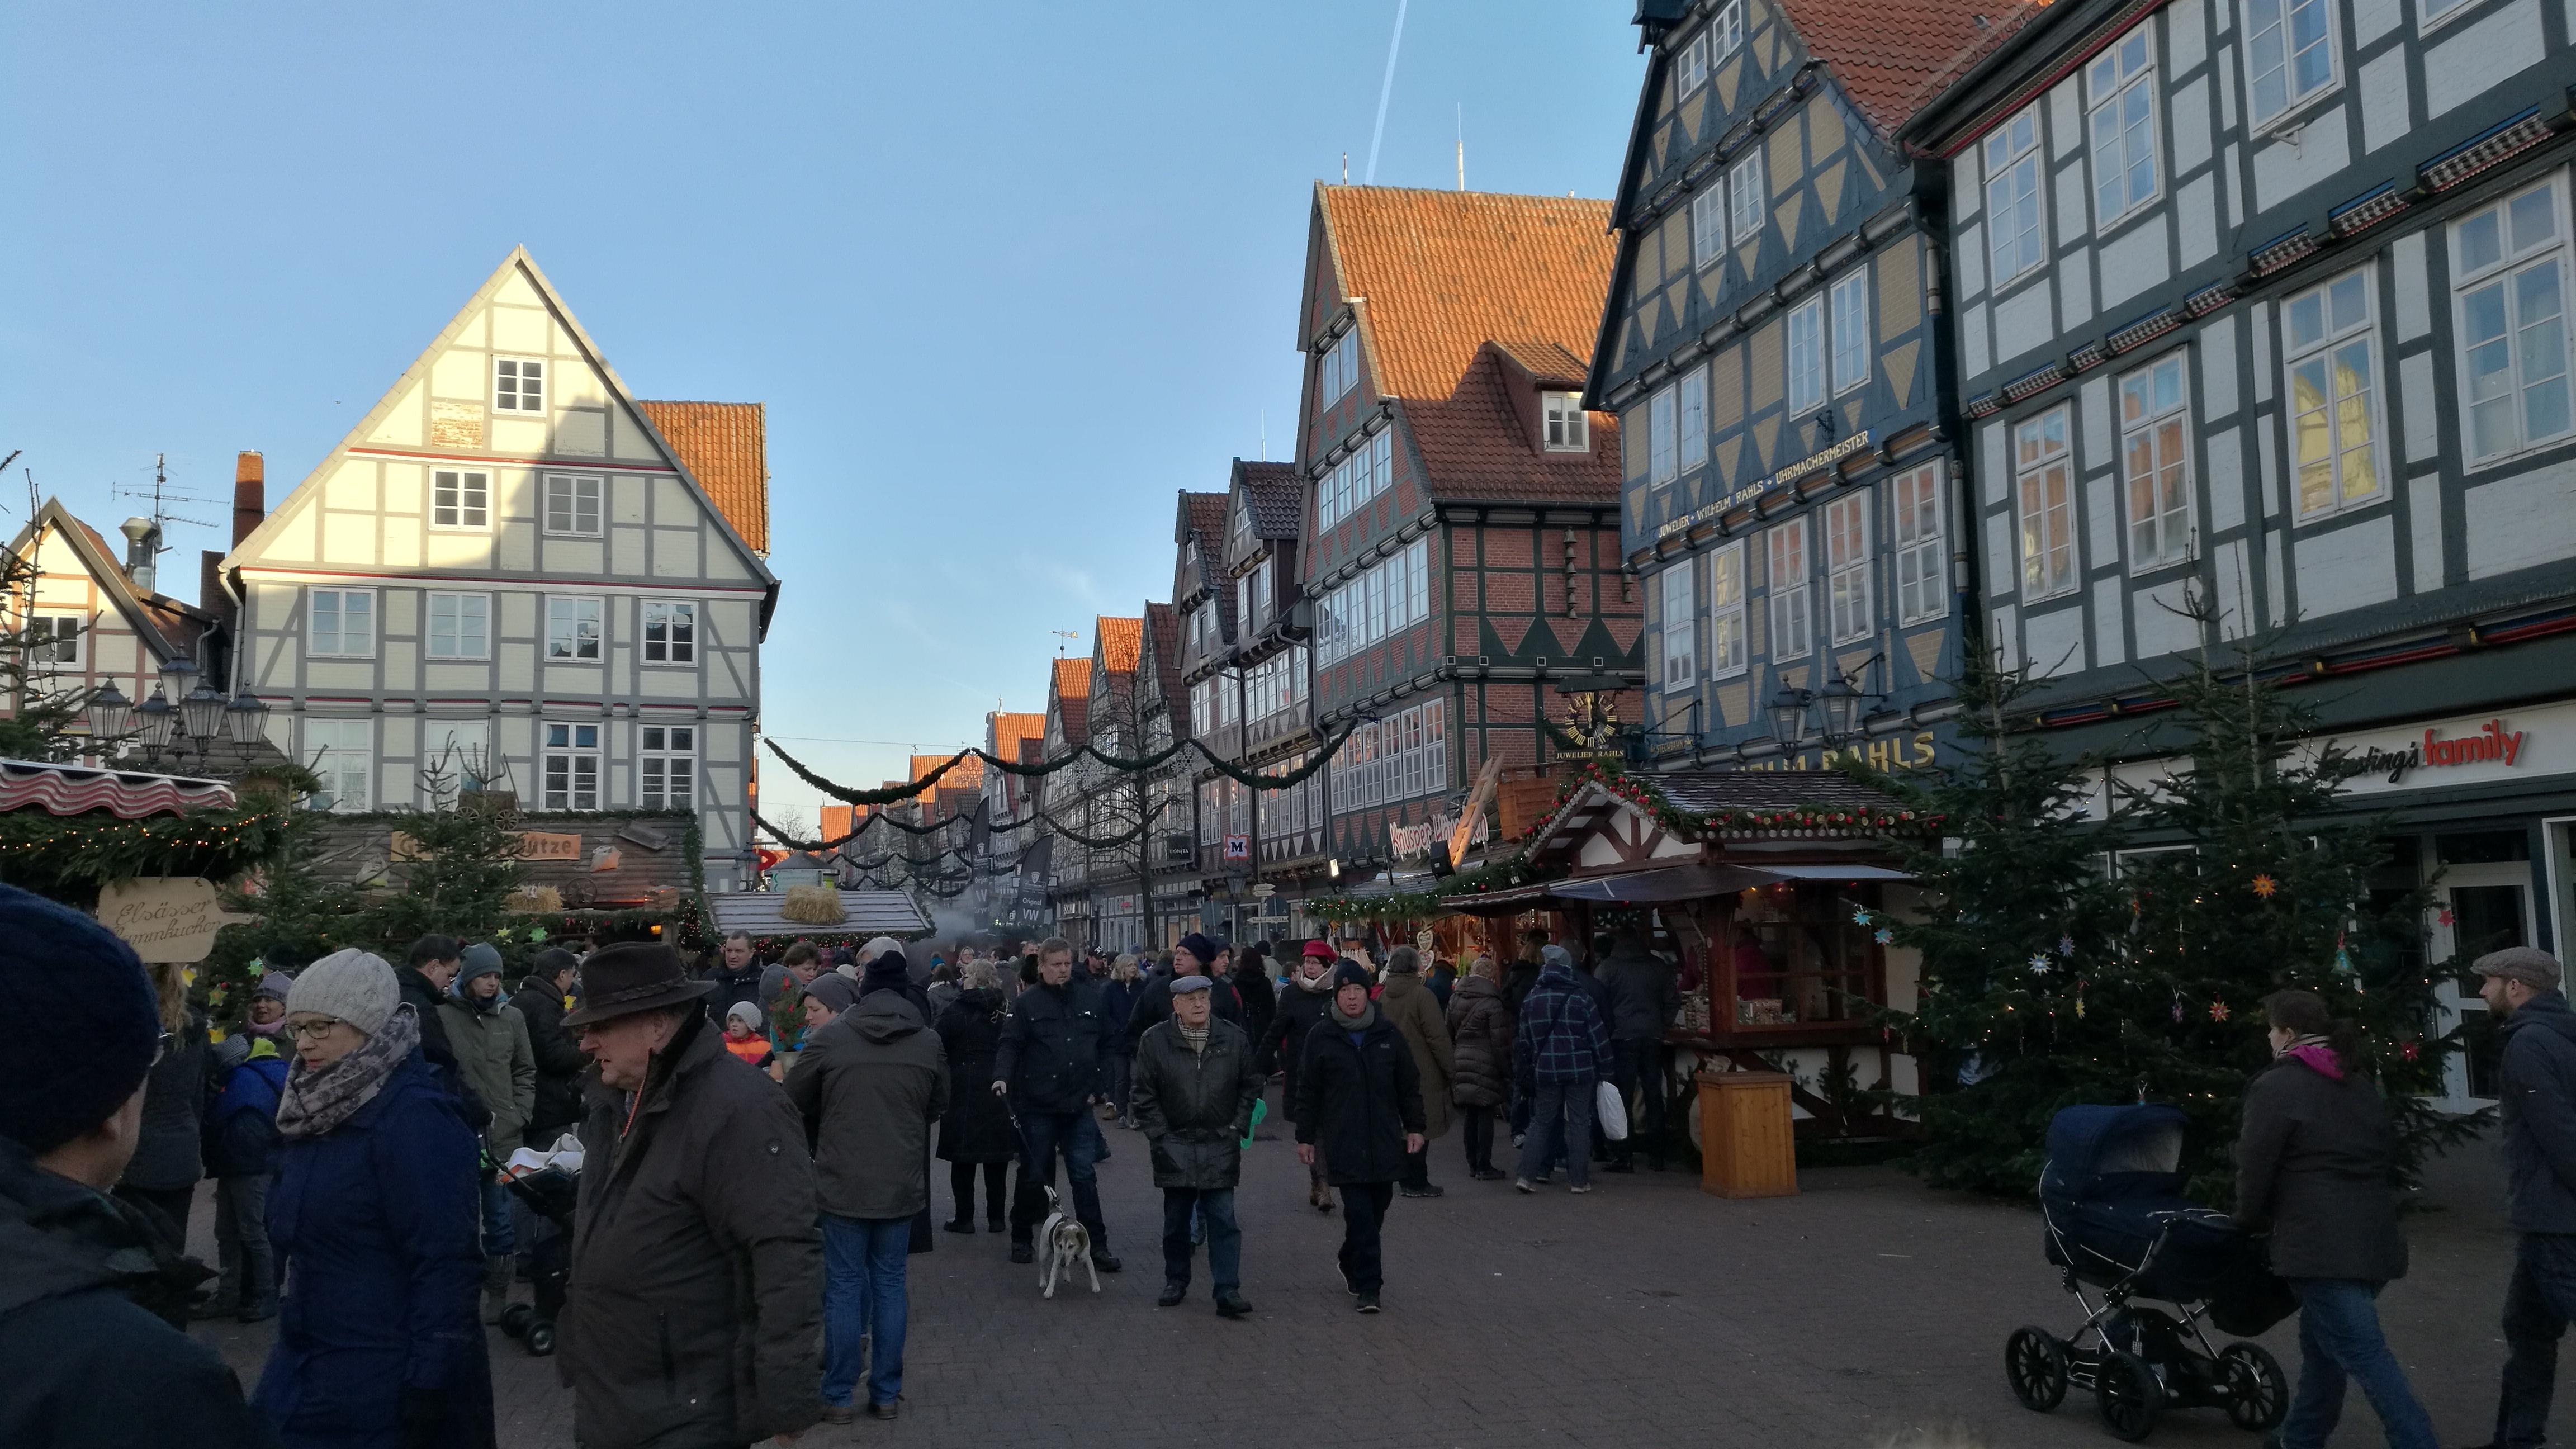 Weihnachtsmarkt in Celle